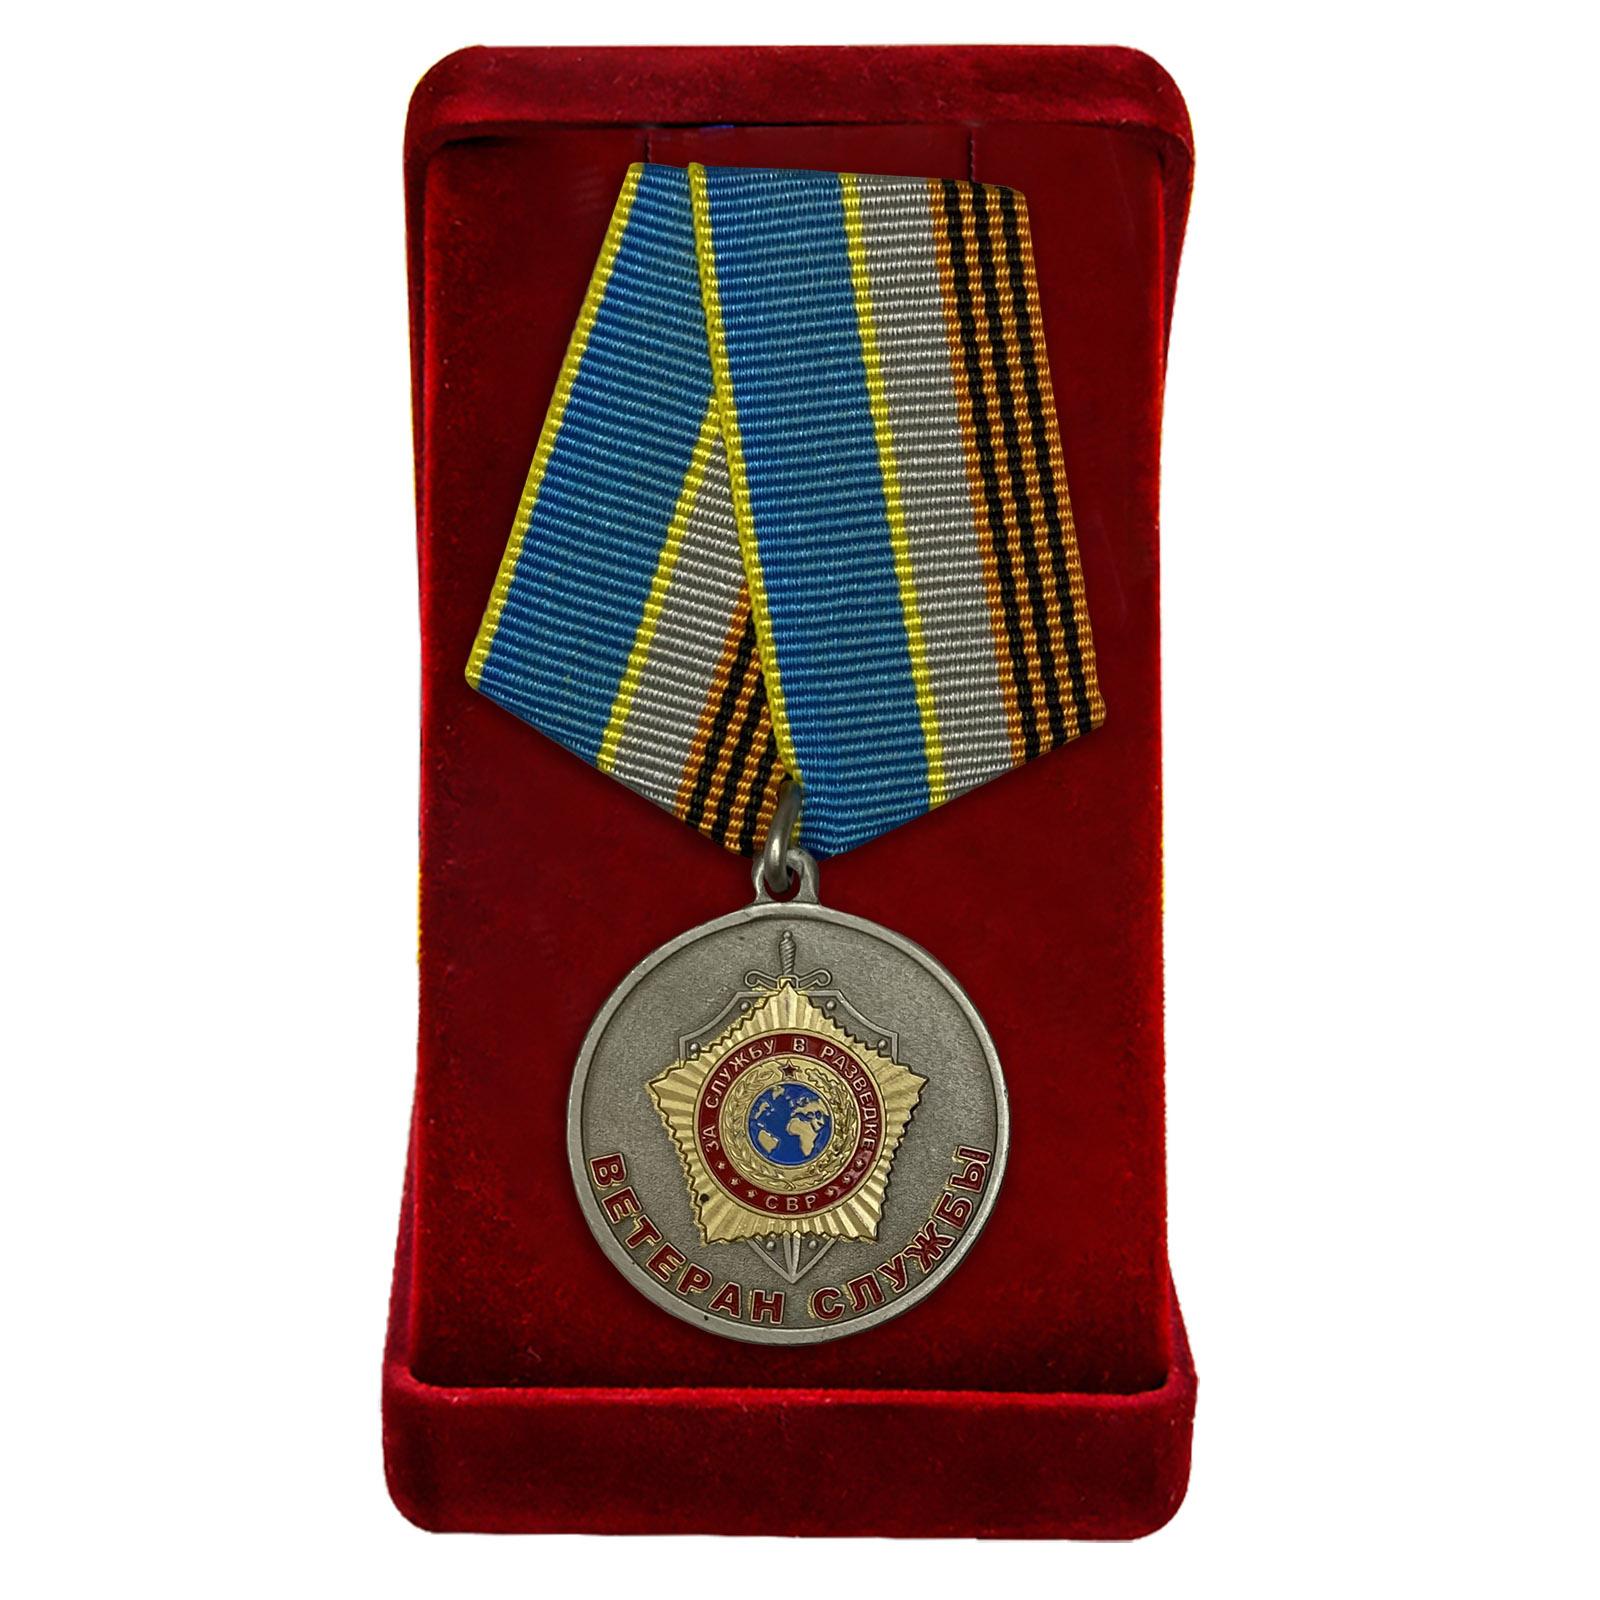 """Купить медаль СВР """"Ветеран службы"""" оптом или в розницу"""